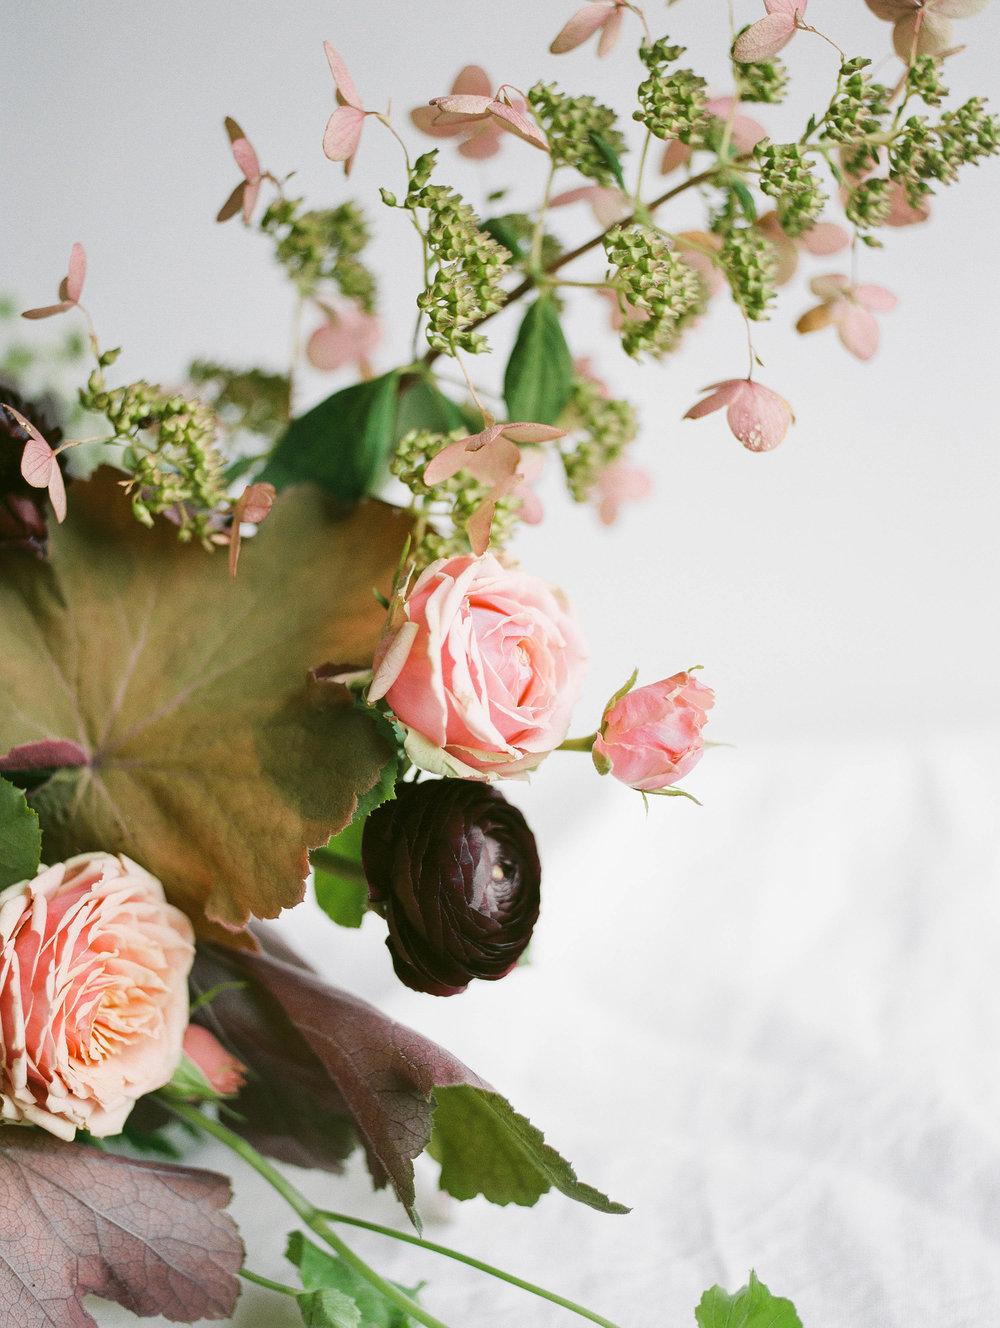 Floral Inspiration - www.jleephotos.com